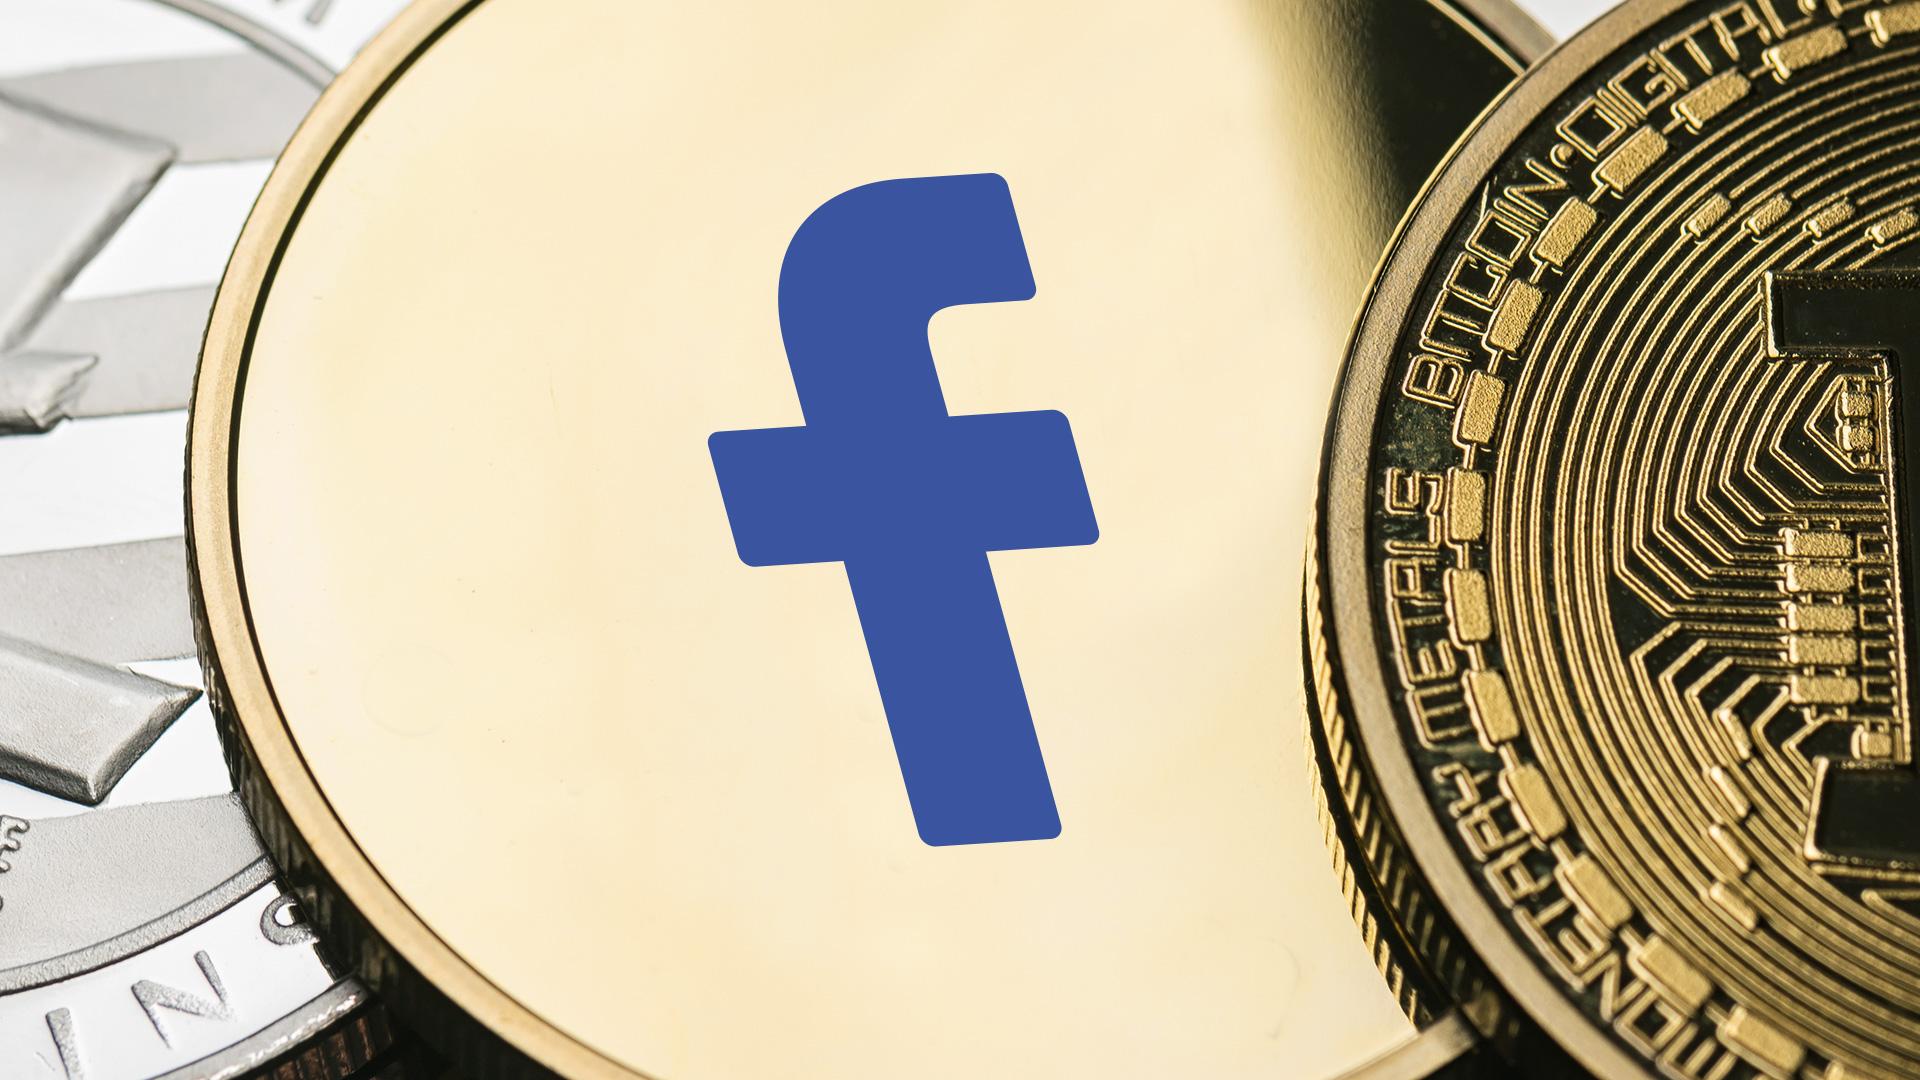 Facebook Criptomoeda Libra